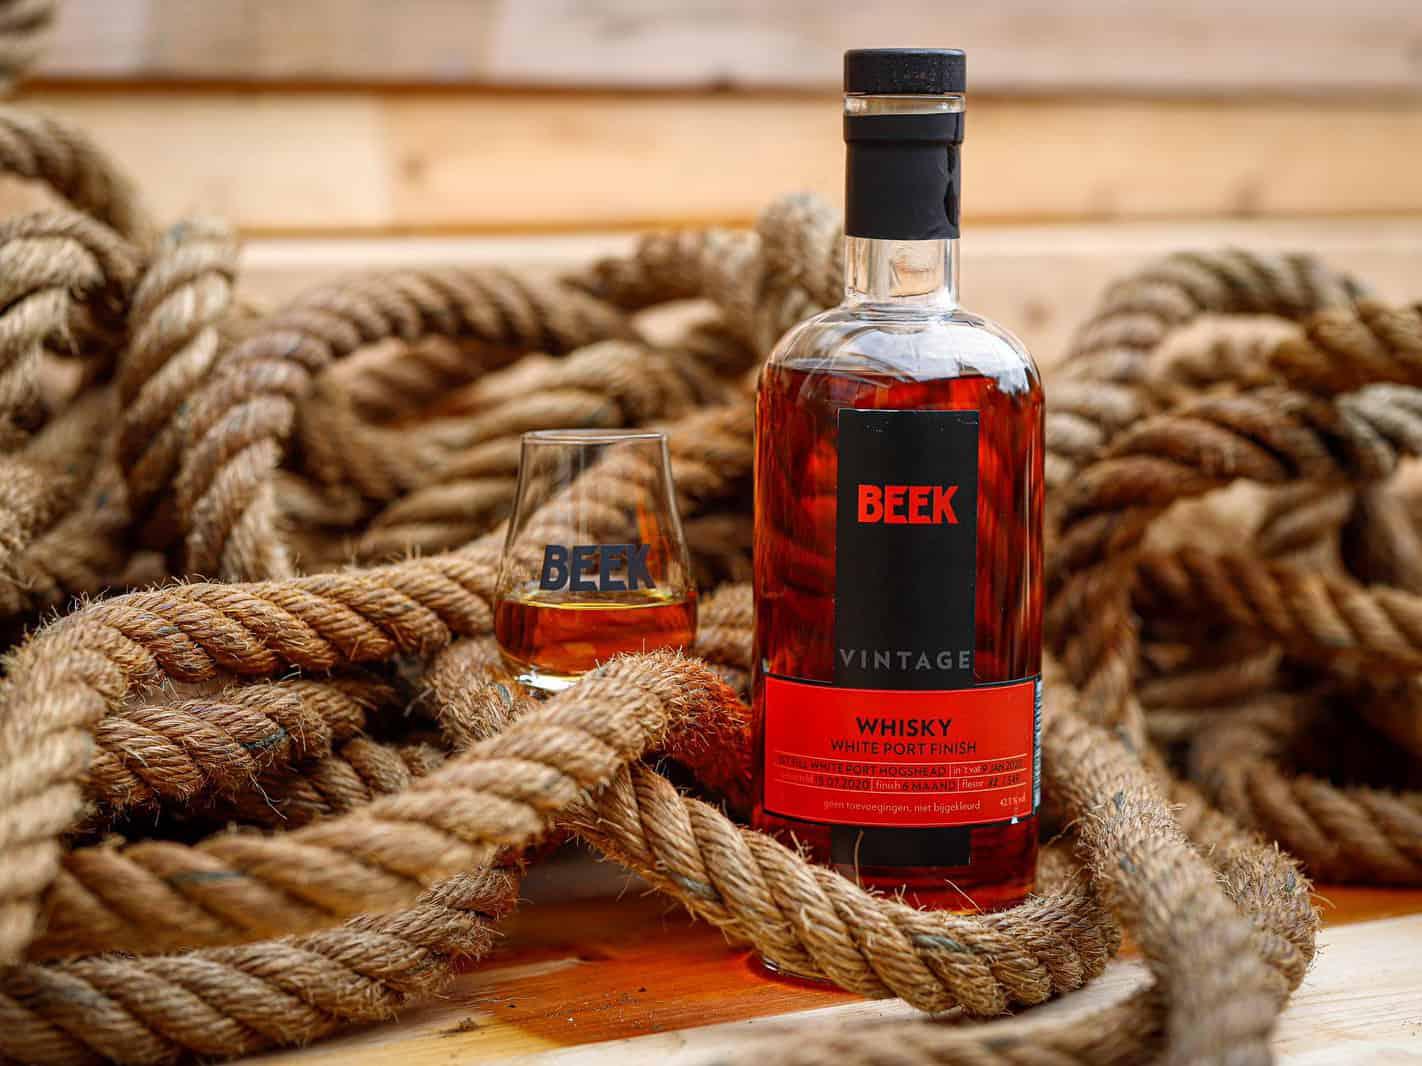 Whisky met White Port finish gebotteld